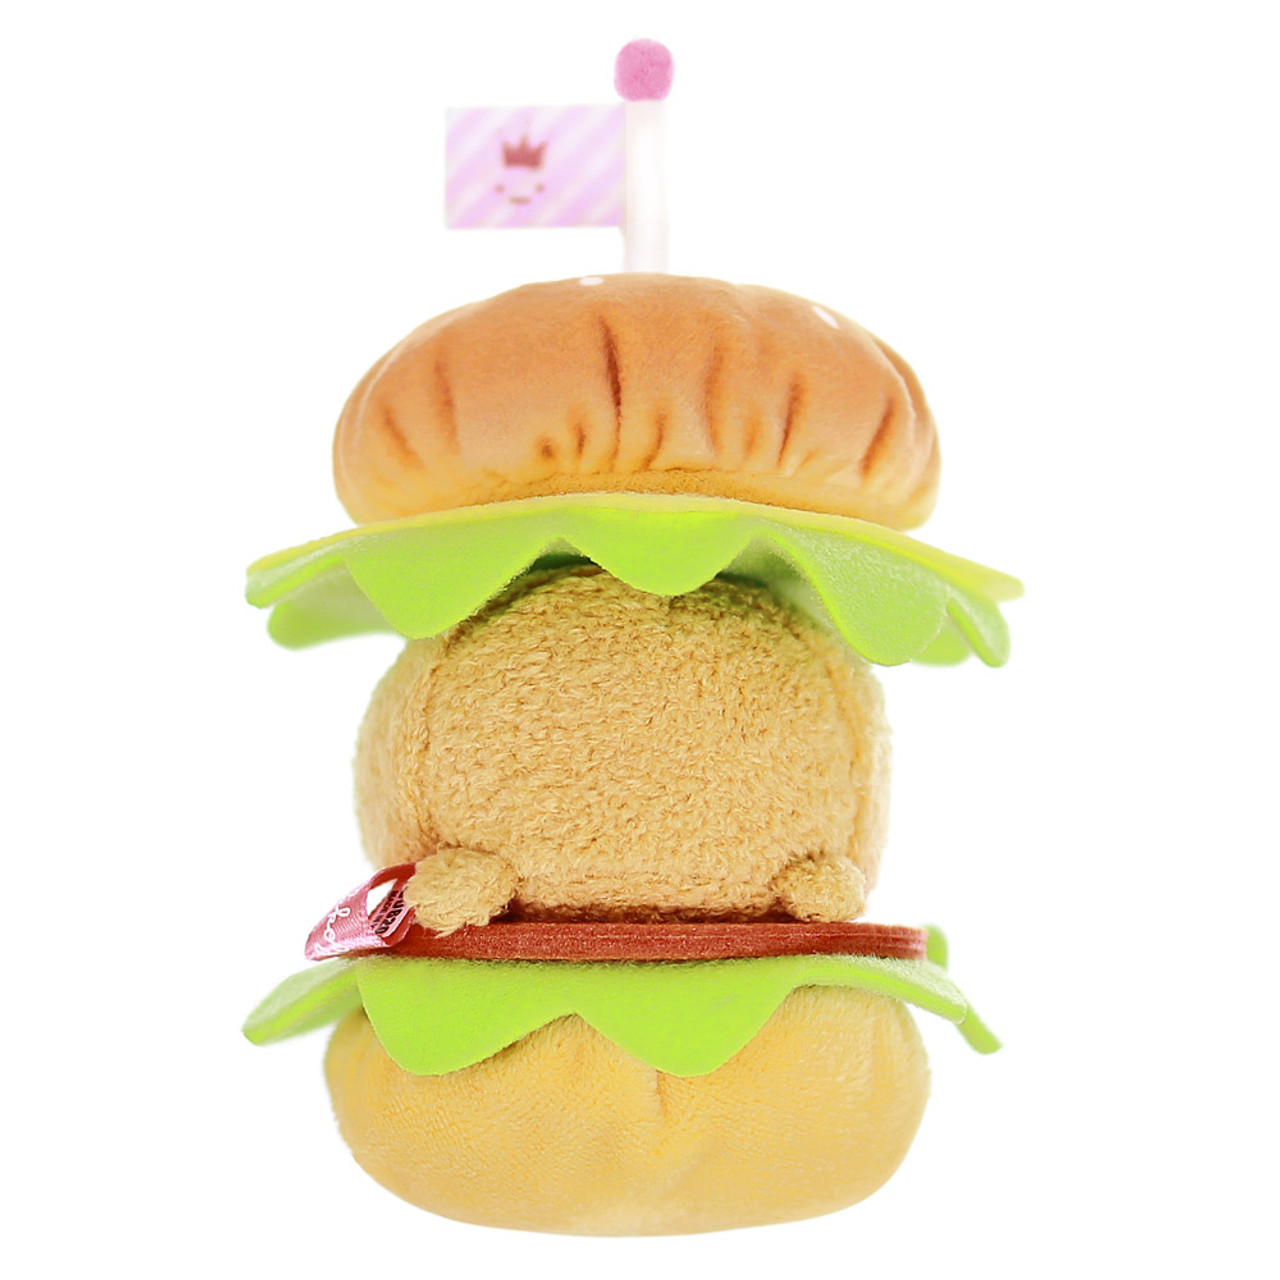 Sumikko Gurashi Hamburger Palm Size Stuffed Toy ( Back View )